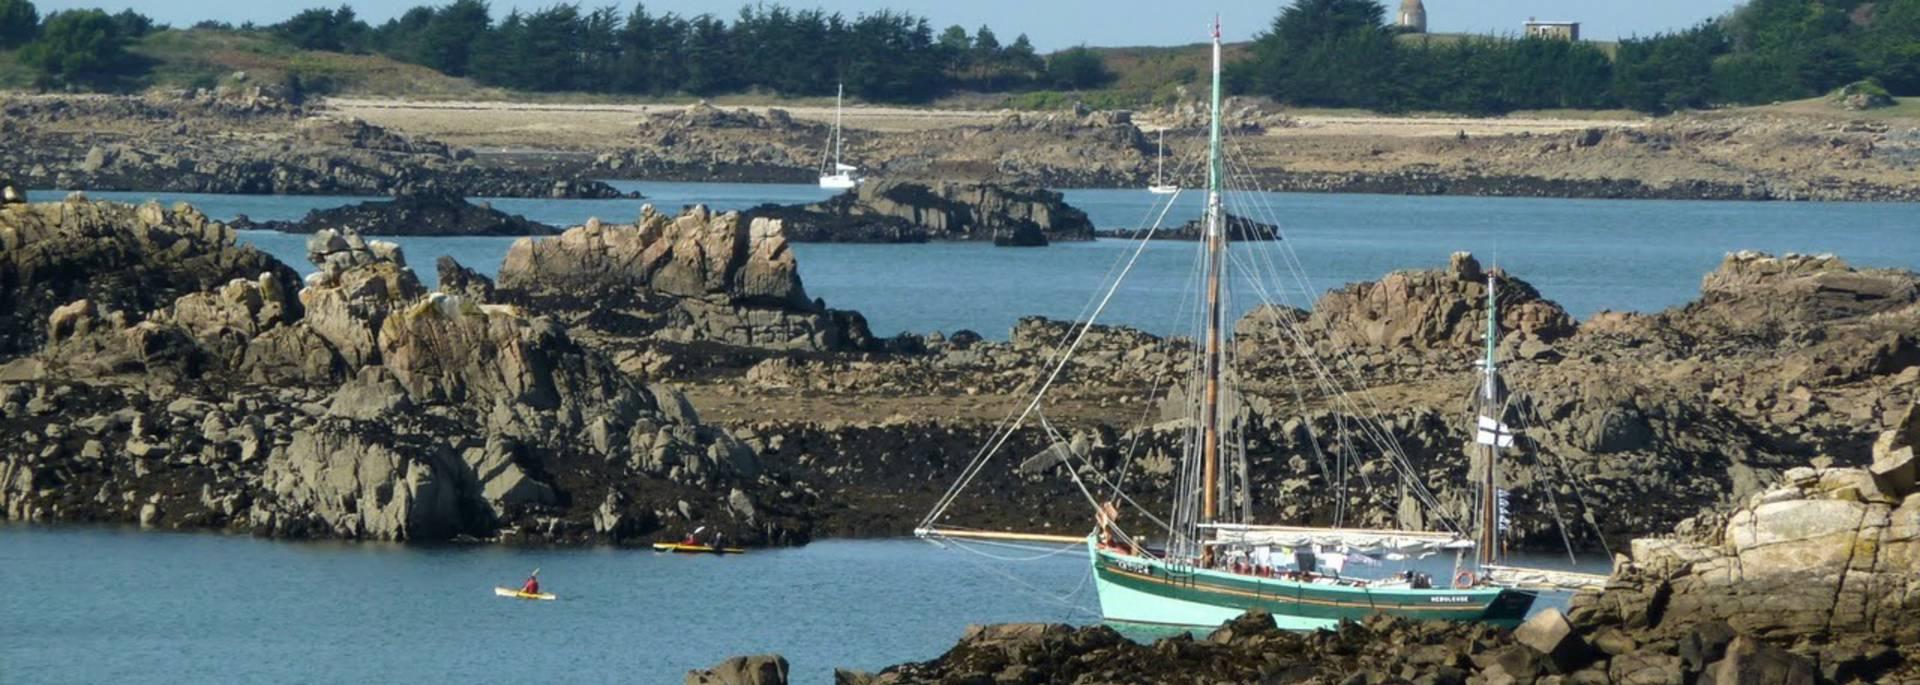 L'archipel de Bréhat - balade en mer avec voiles et traditions ©Cedric Lagrifoul